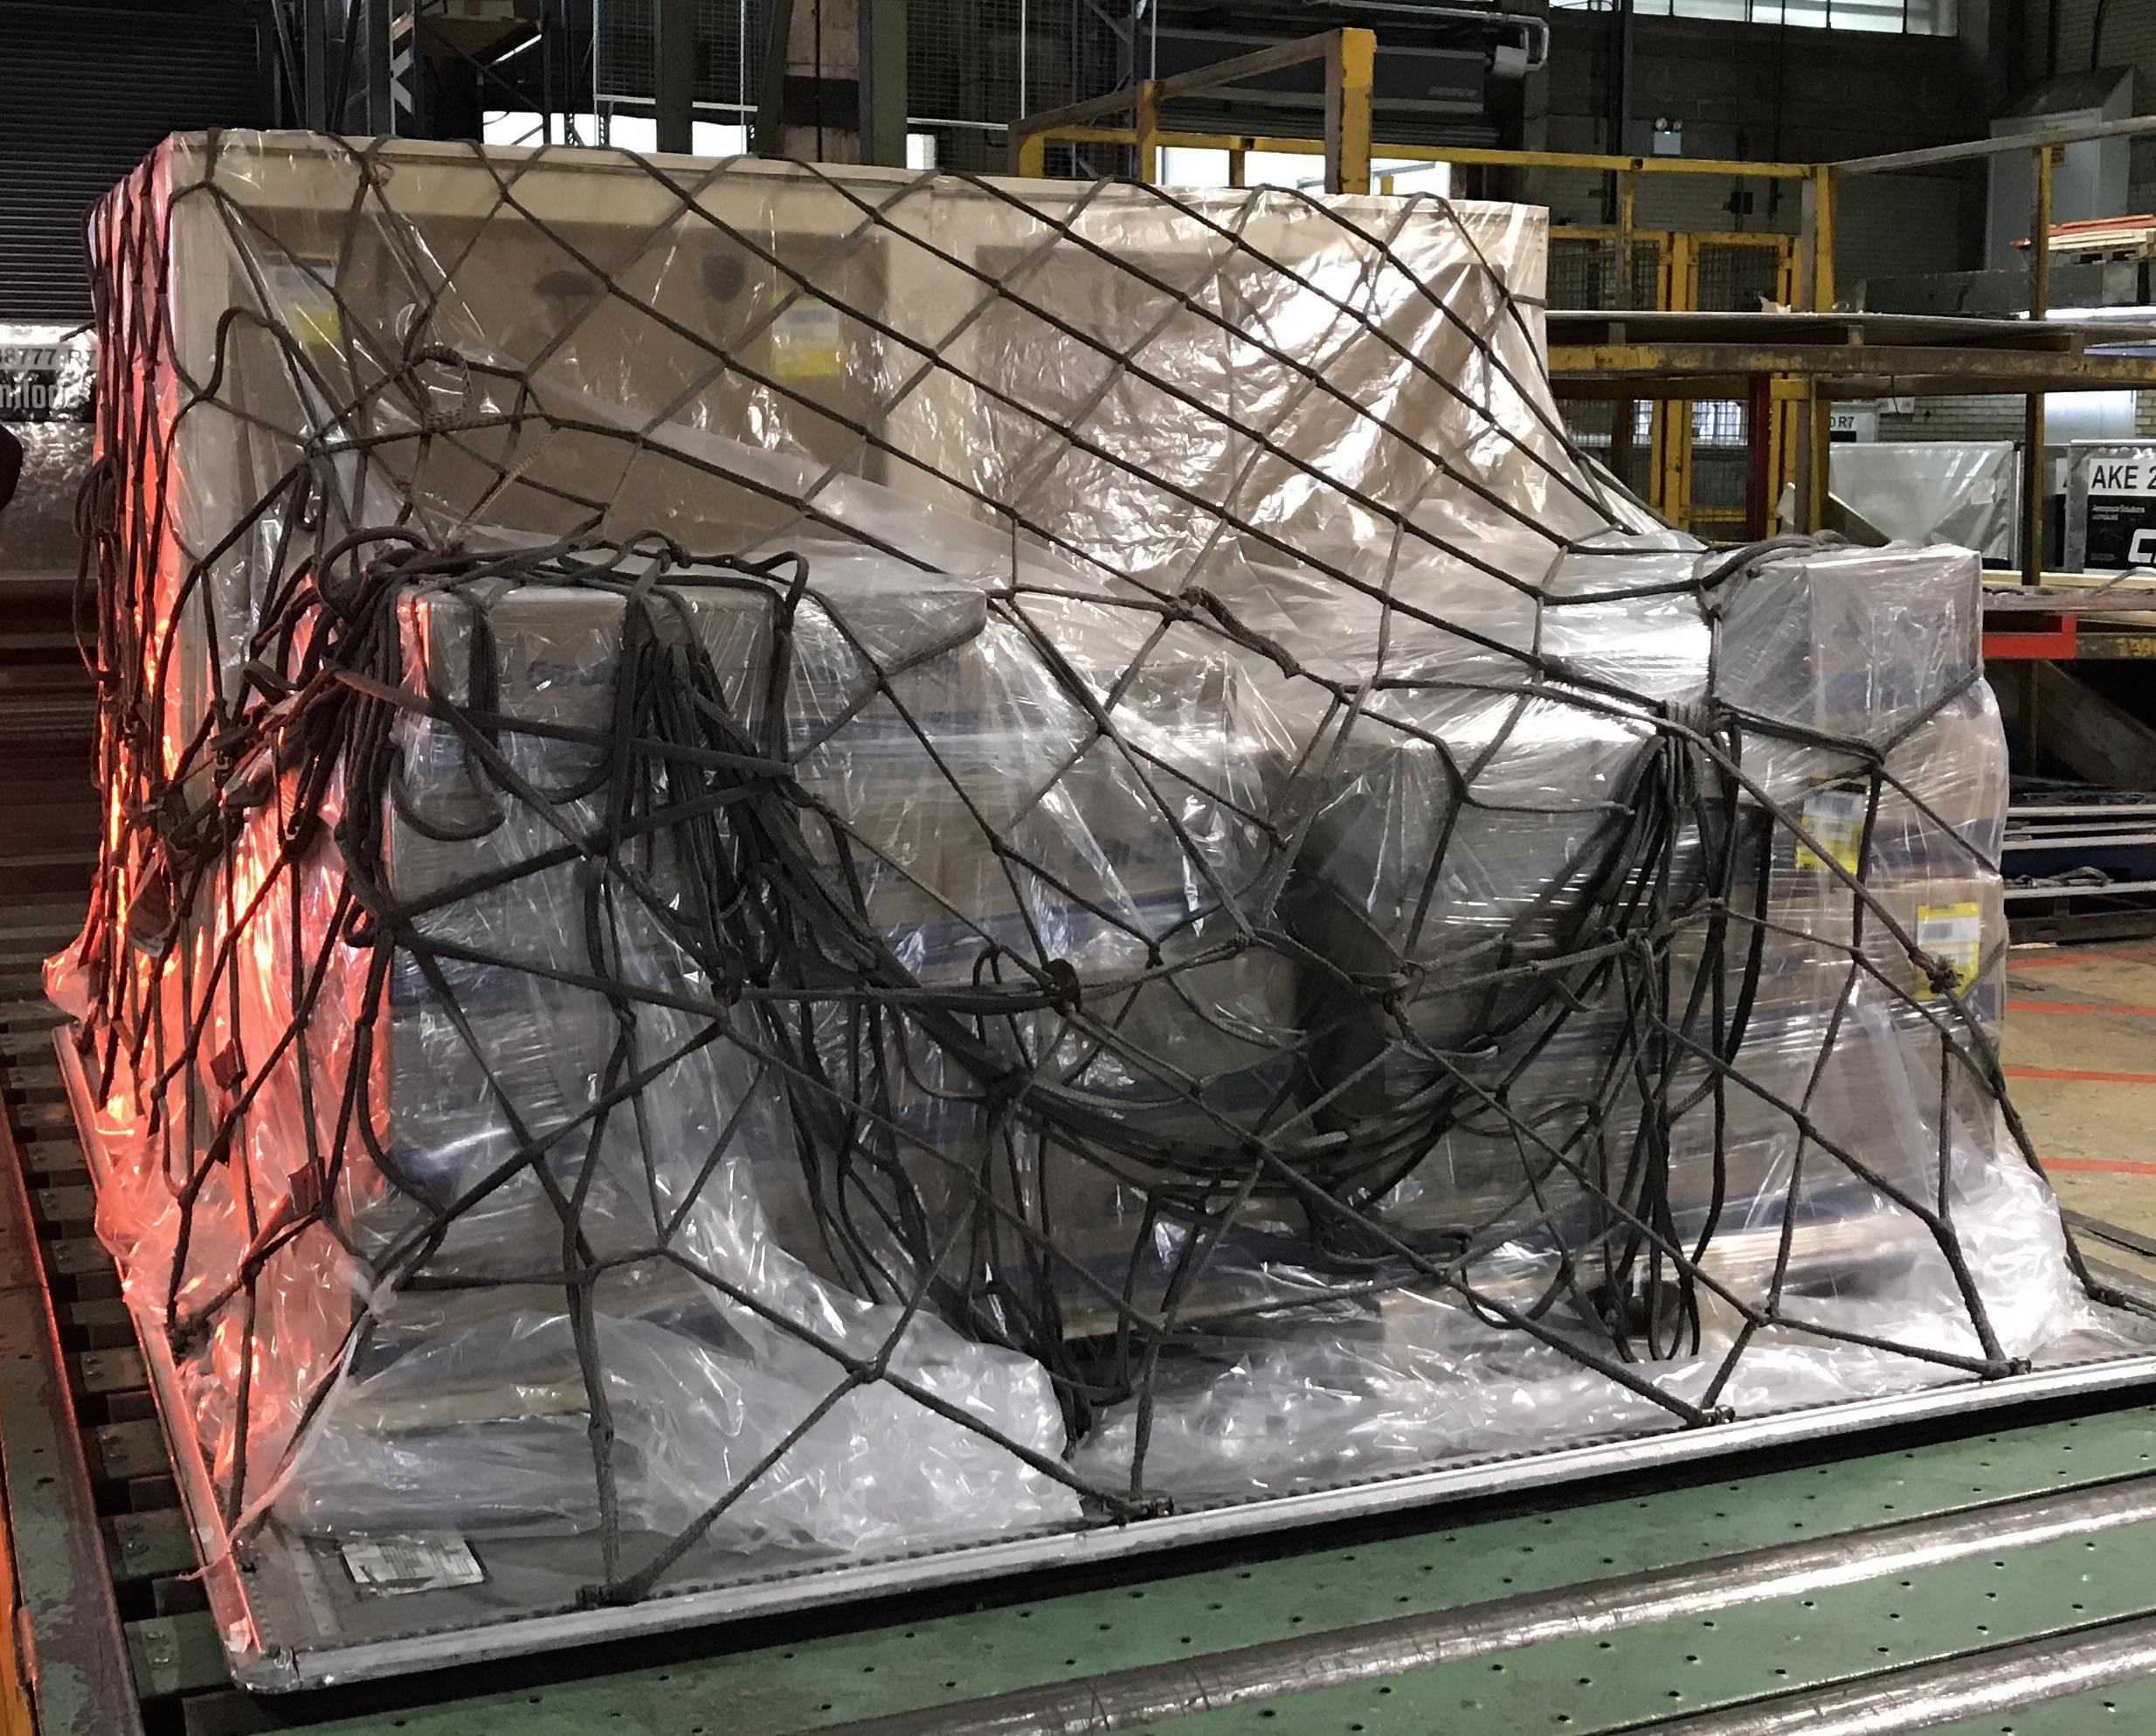 Polythene cargo cover